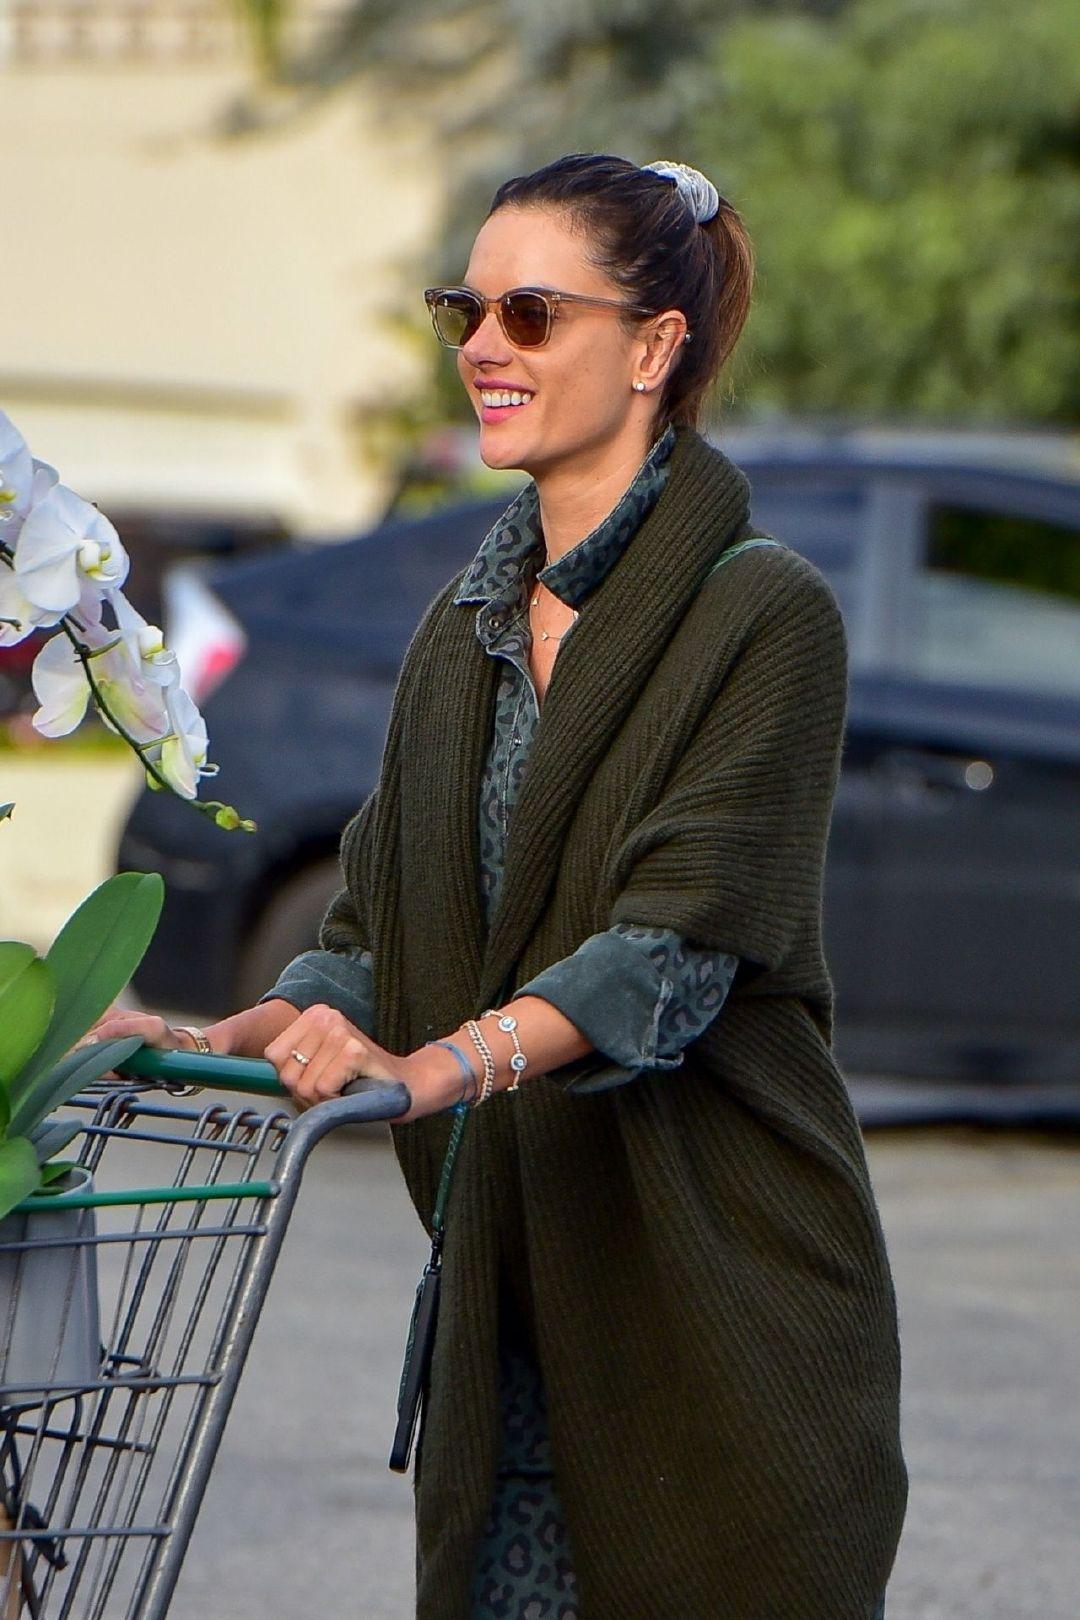 亚历桑德拉·安布罗休(Alessandra Ambrosio)- 圣莫尼卡的杂货店购物